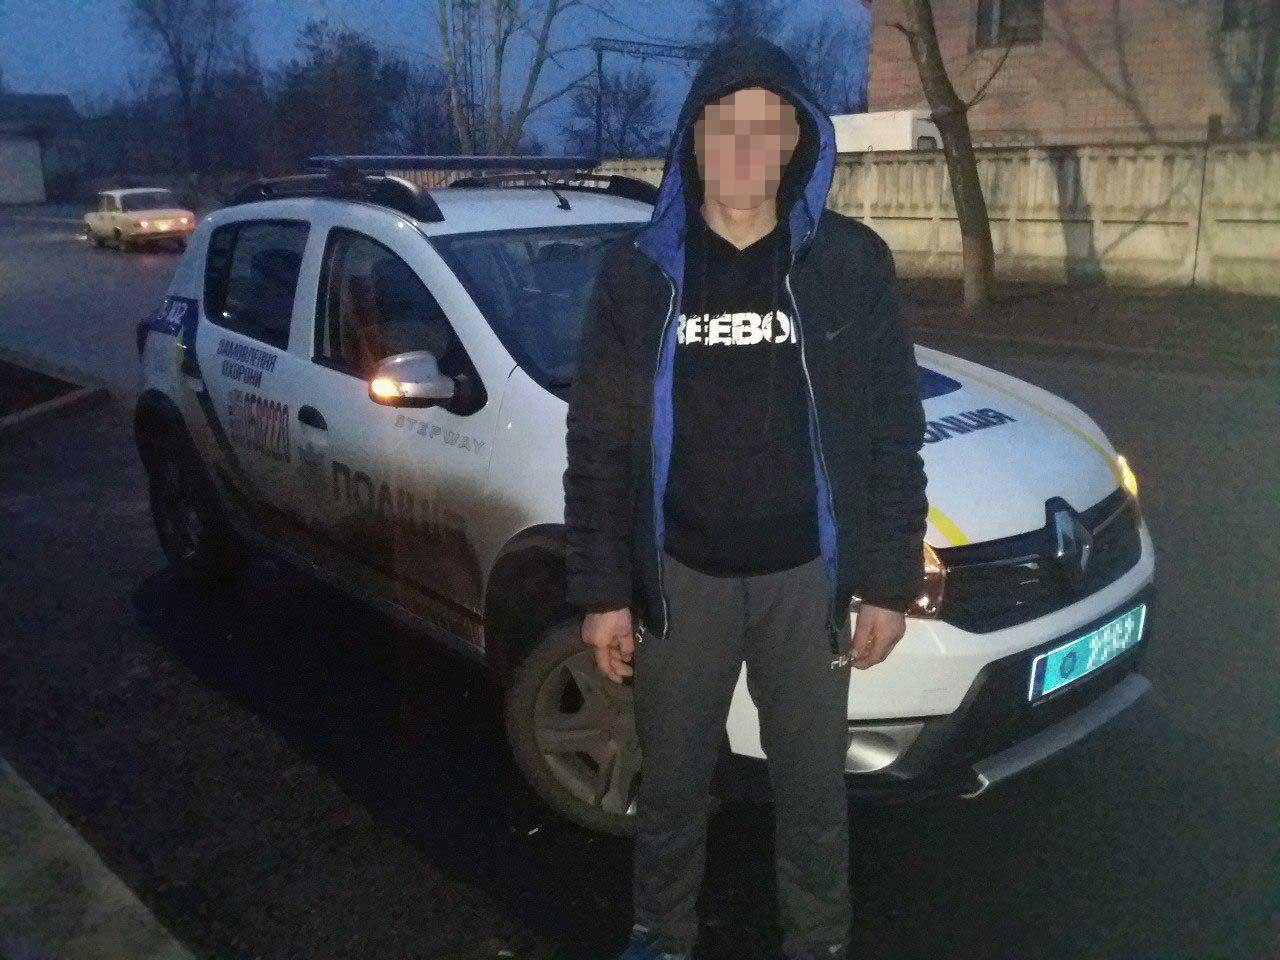 «Спрятал под одеждой»: в Днепре пытались ограбить магазин. Новости Днепра